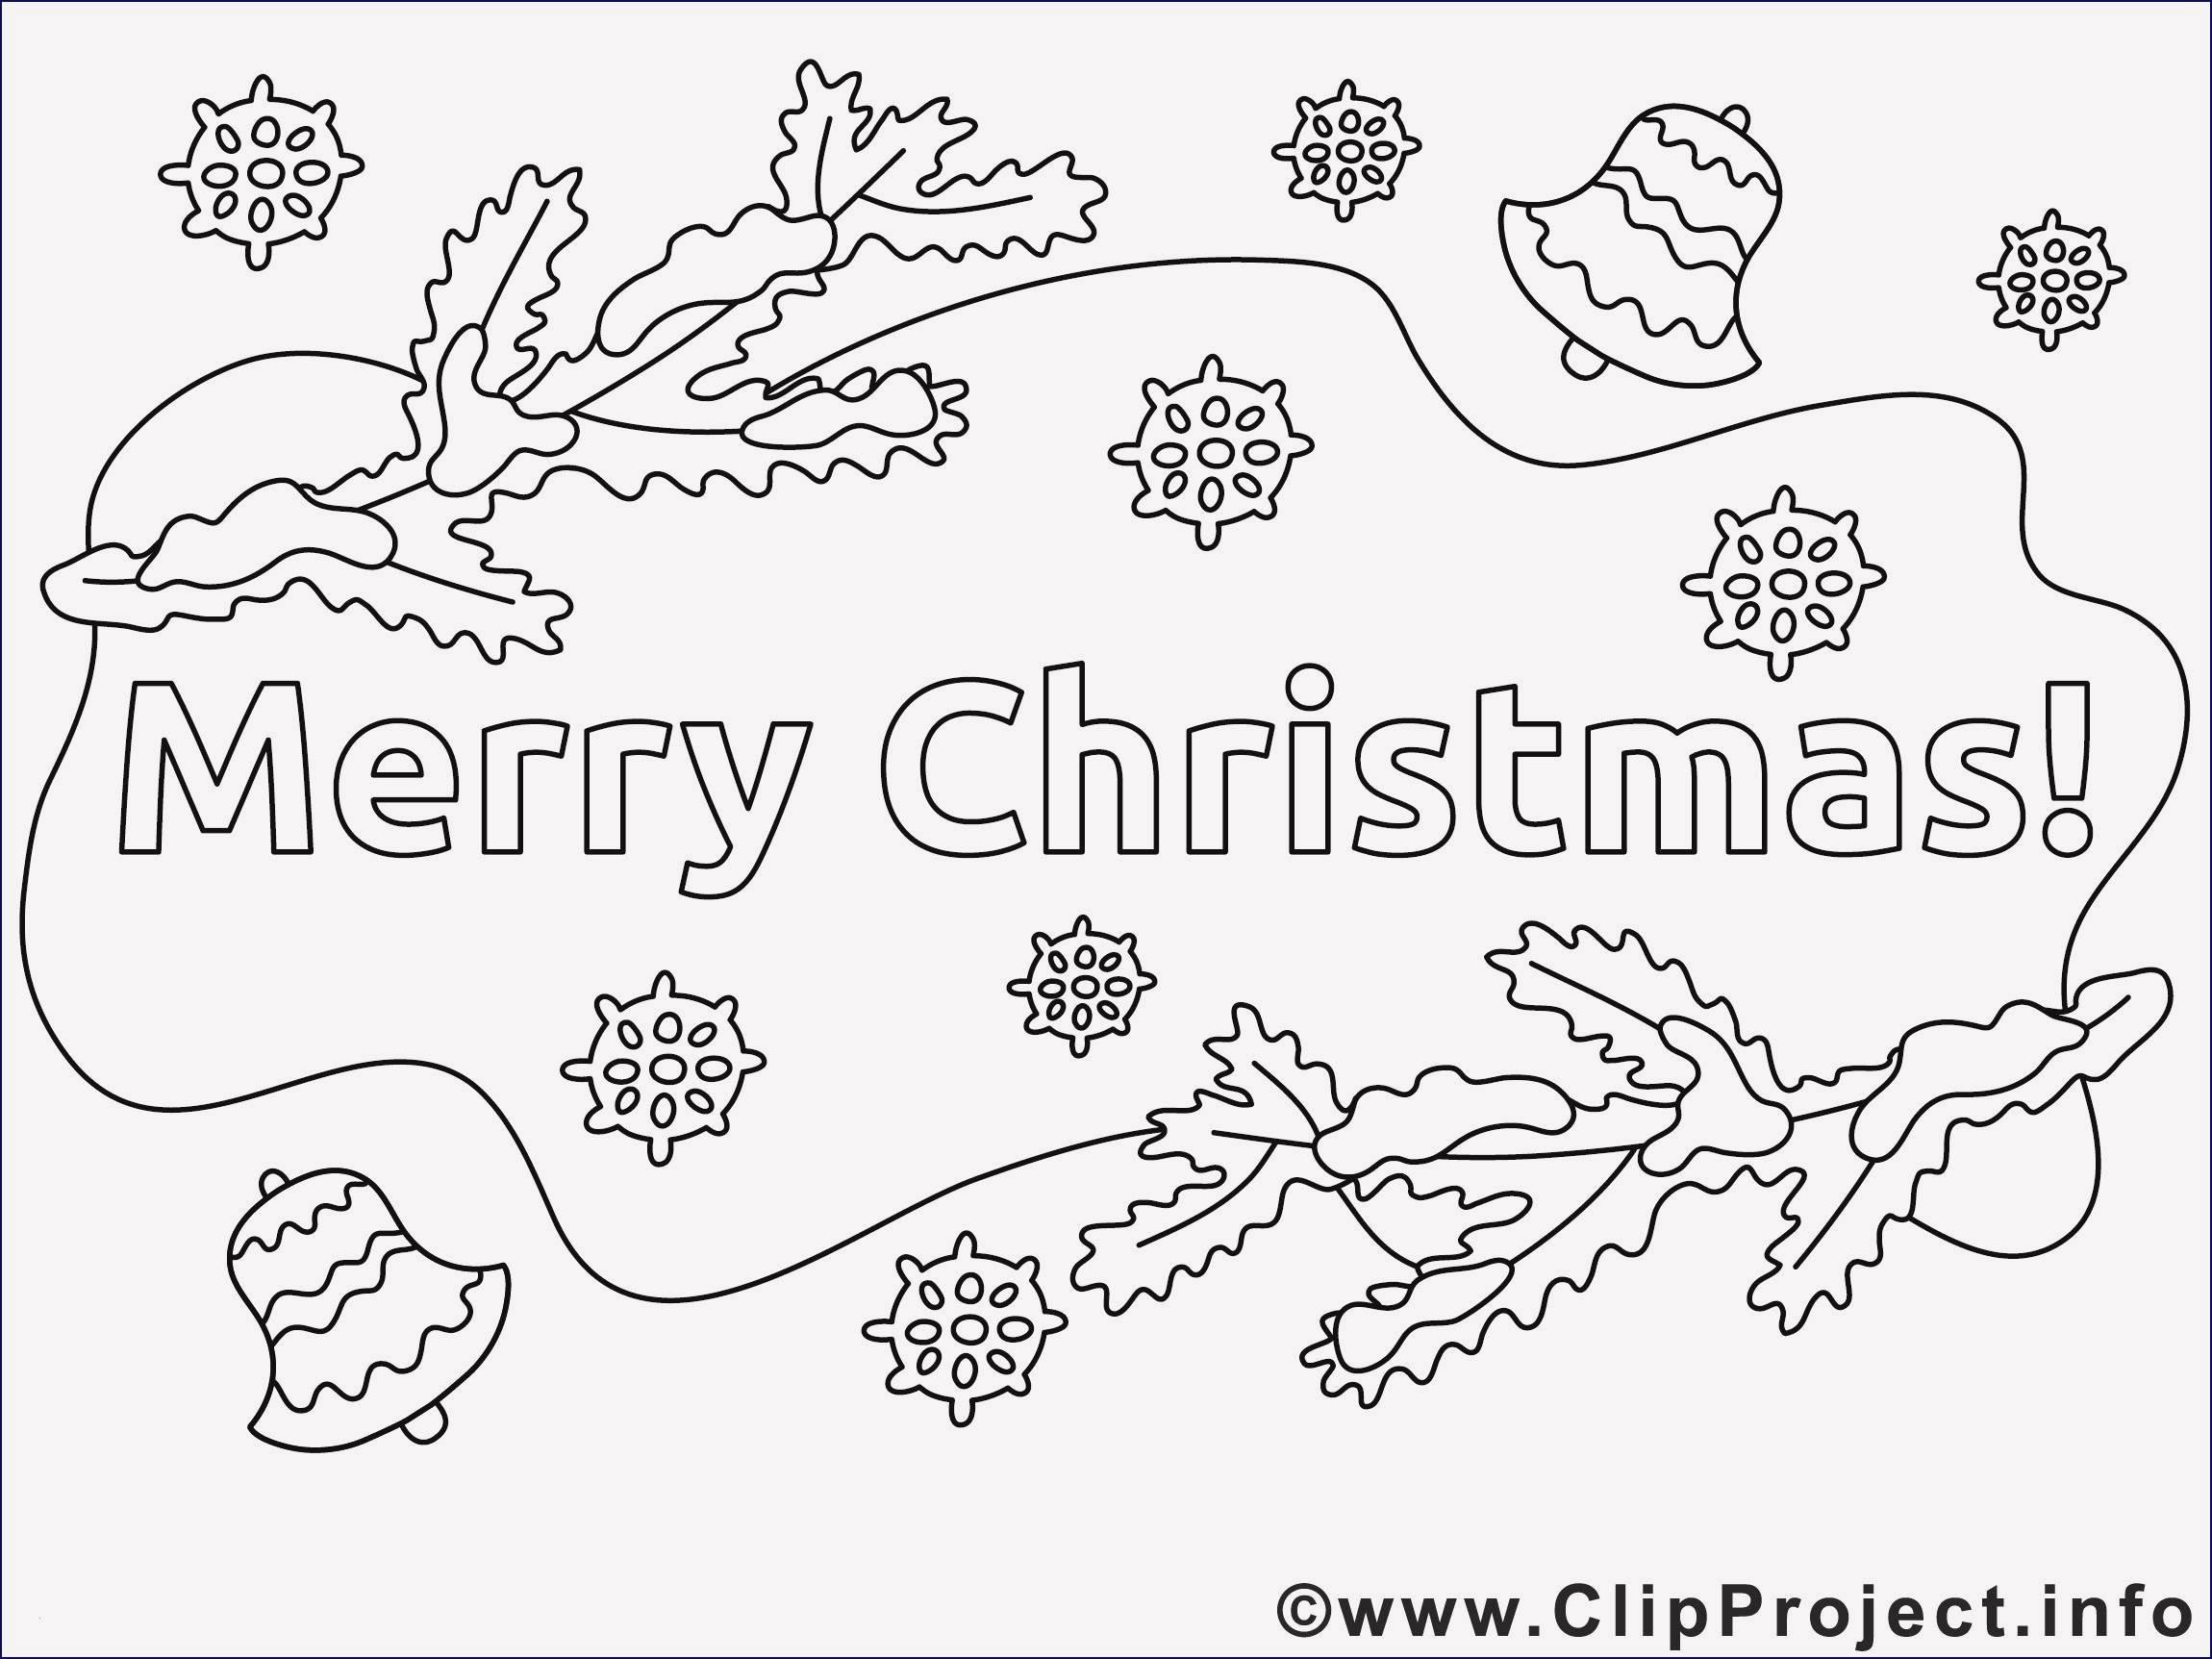 Bilder Weihnachten Kostenlos Zum Ausdrucken Einzigartig 25 Liebenswert Ausmalbilder Kostenlos Zum Ausdrucken Weihnachten Das Bild